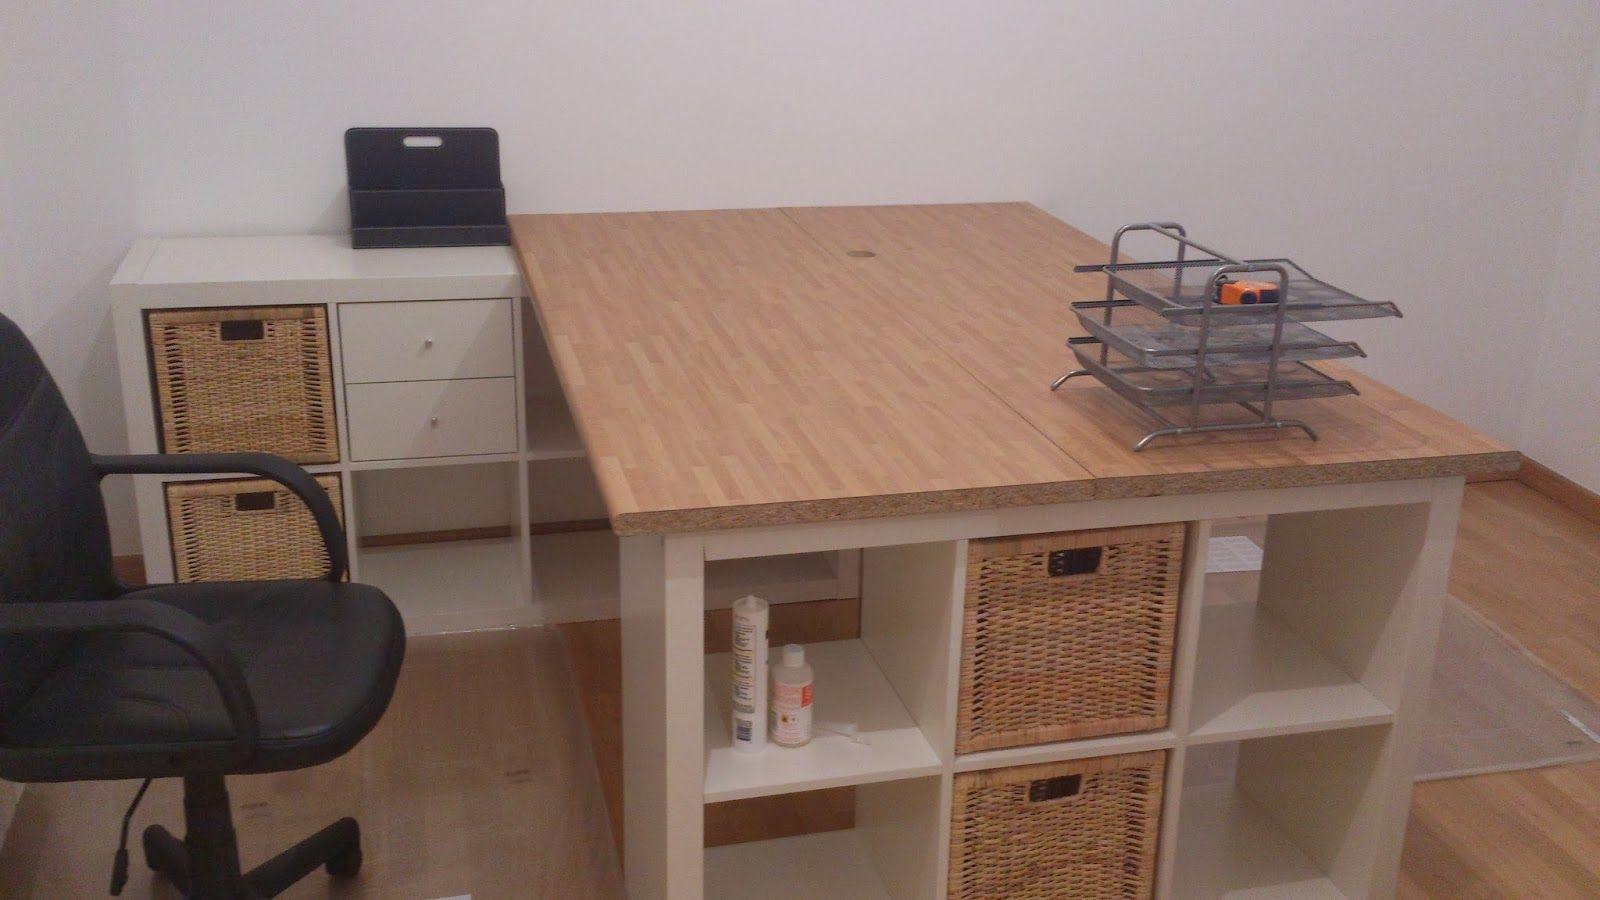 Una mesa de despacho con sitio para todo mi ll v ll n - Mesa despacho ikea ...